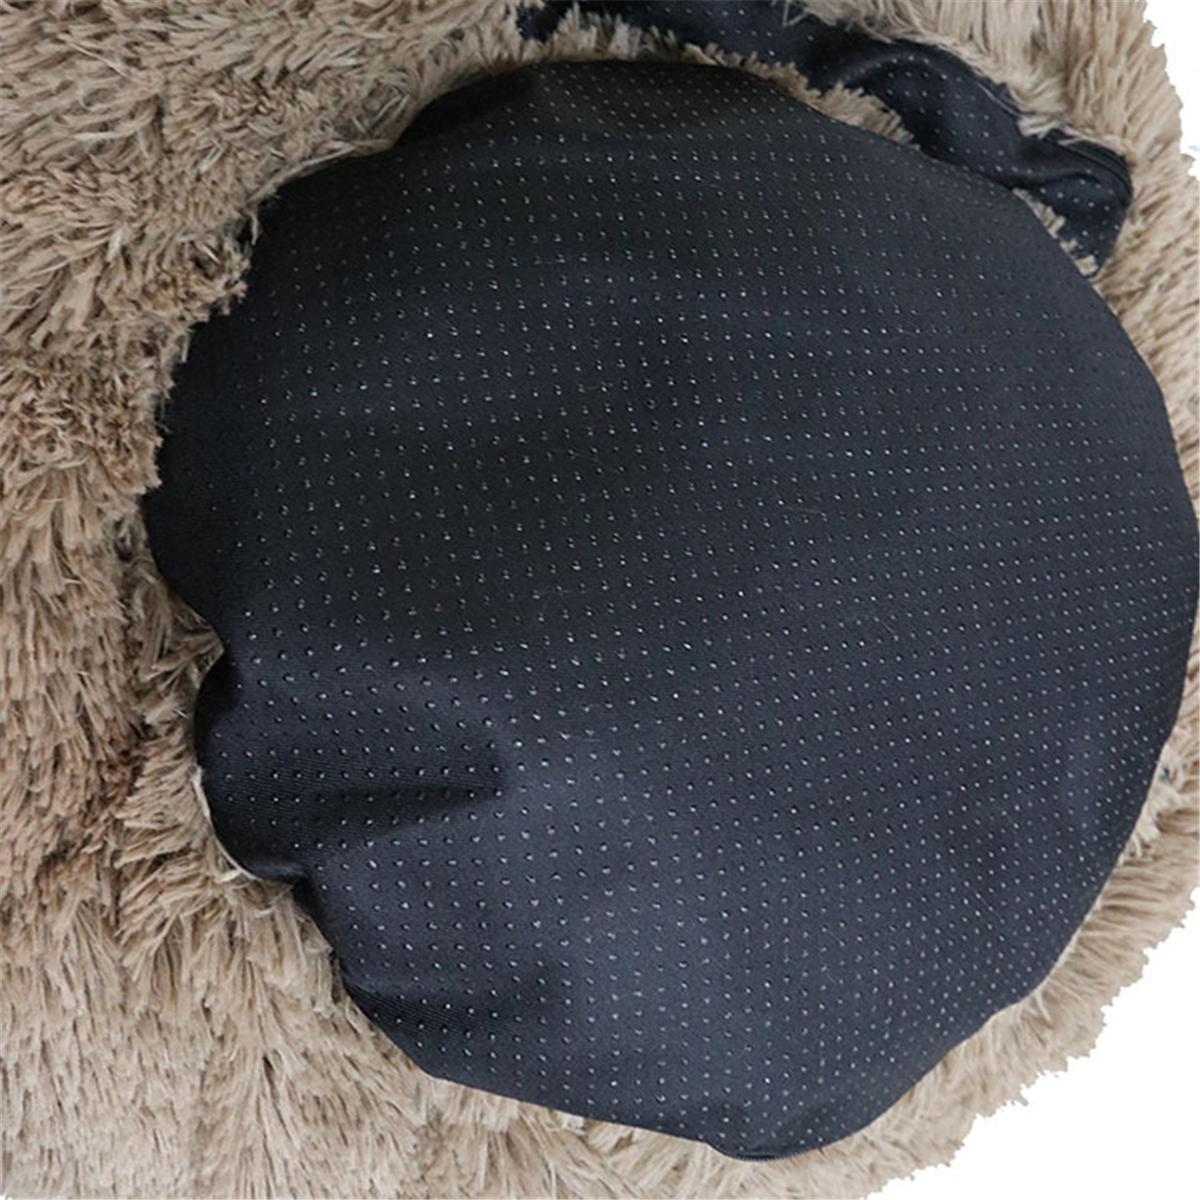 4サイズ犬猫ラウンドベッドスリーピングベッドぬいぐるみペットベッド犬小屋睡眠クッション子犬